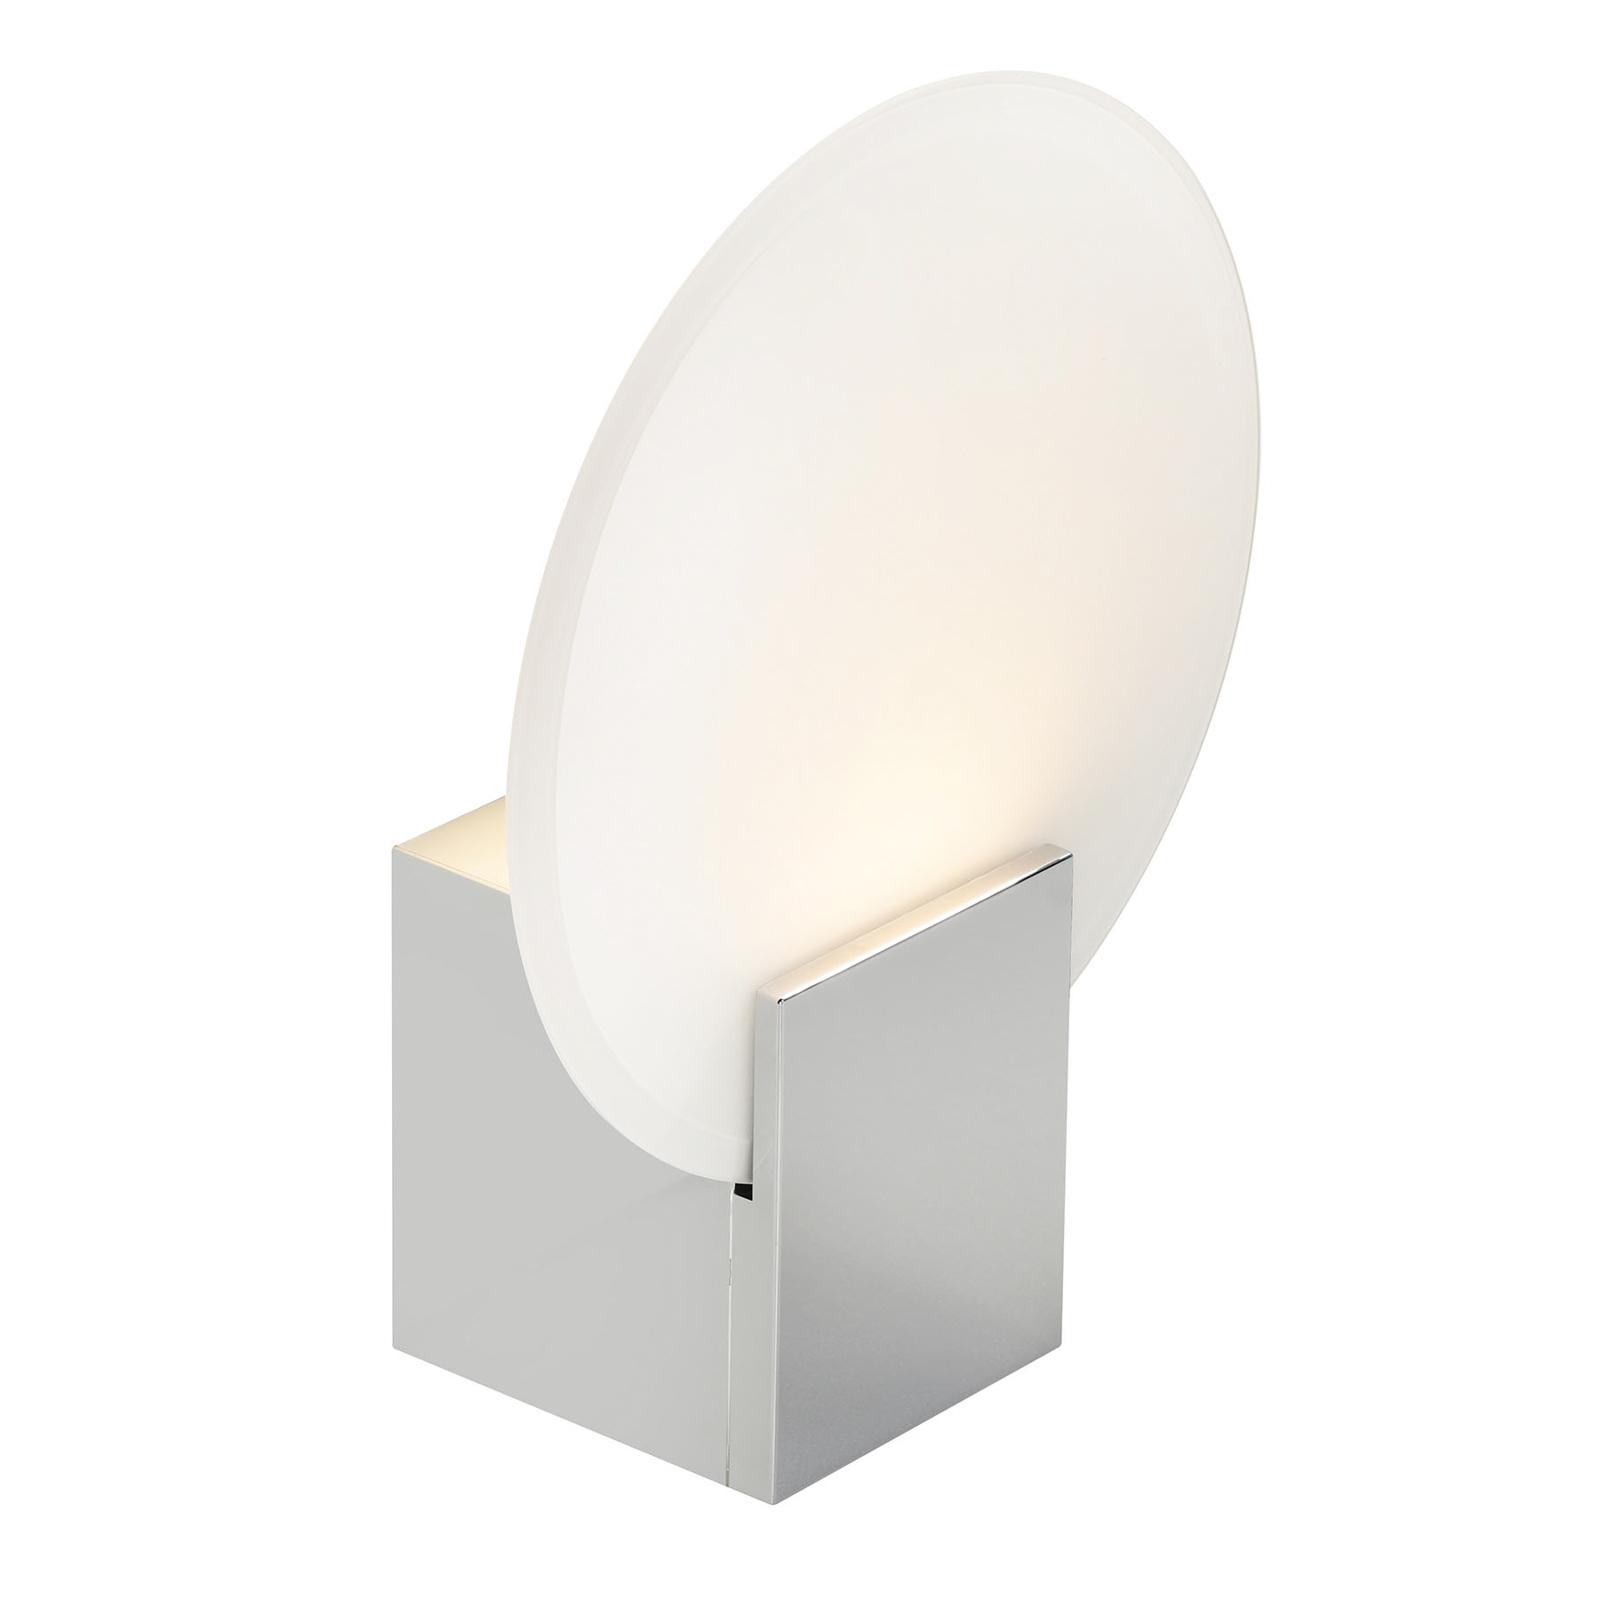 Hester LED-væglampe, IP44, krom